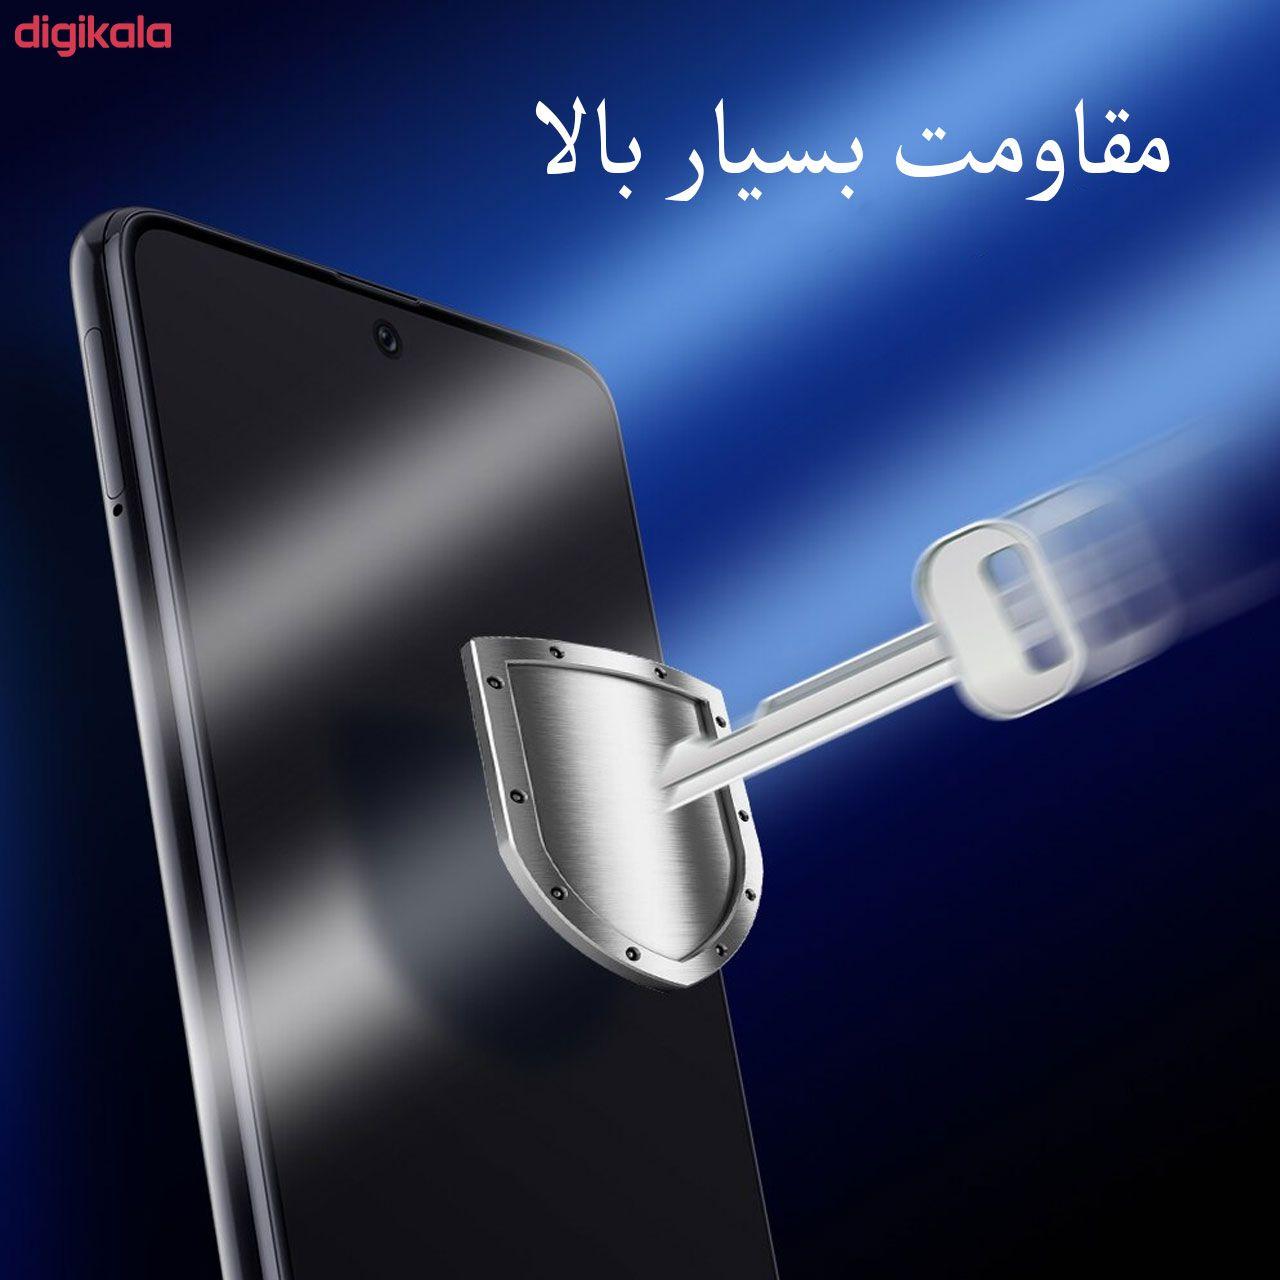 محافظ صفحه نمایش مدل FCG مناسب برای گوشی موبایل شیائومی Poco X3 NFC بسته دو عددی main 1 2